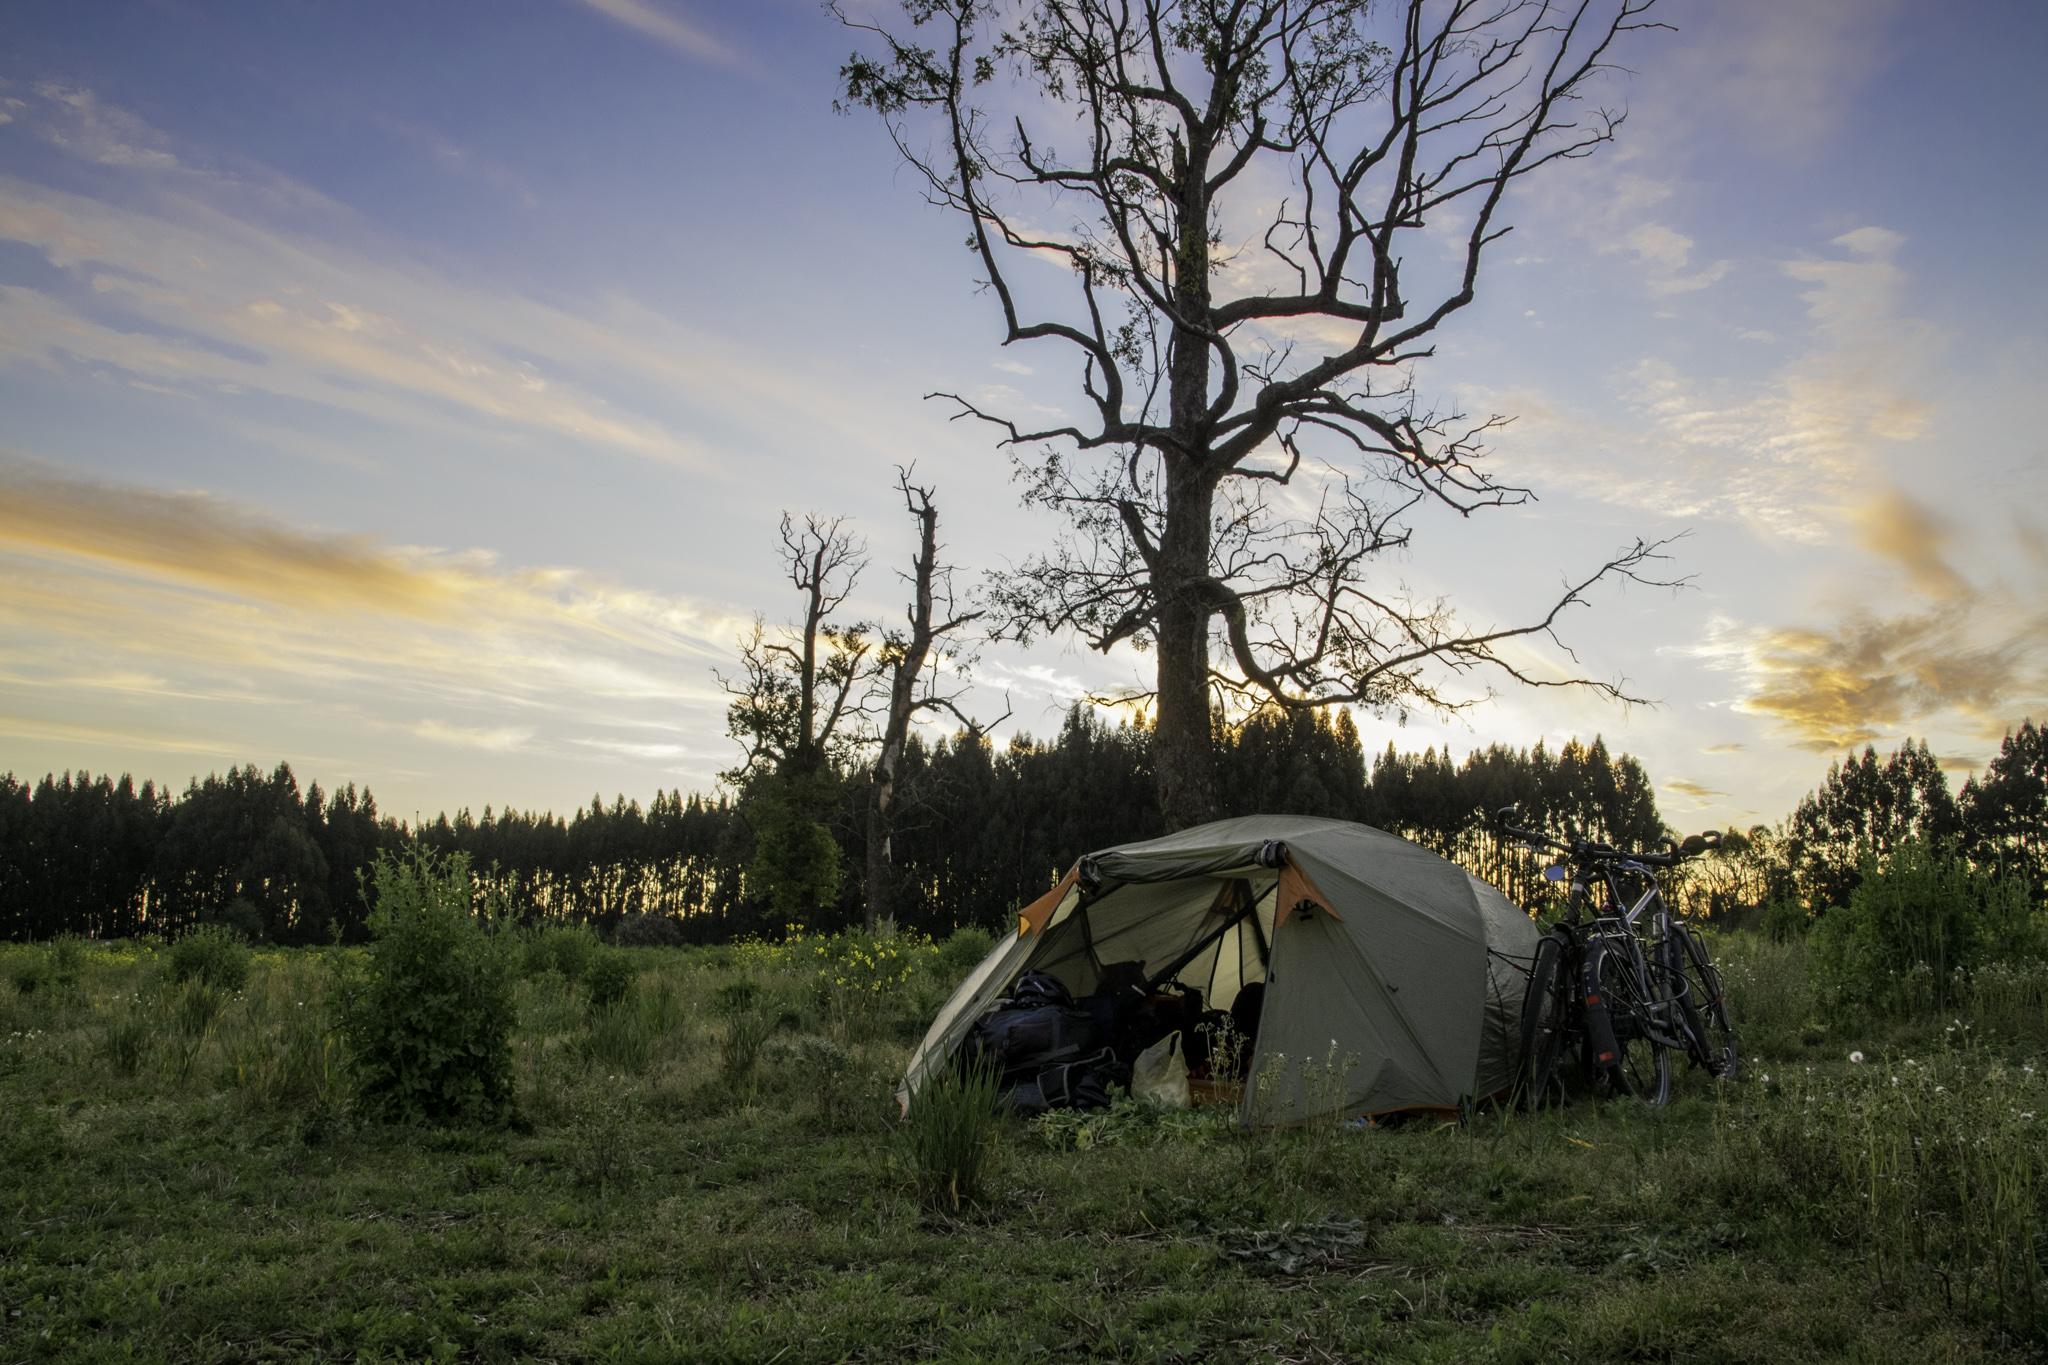 Zelten auf einer üppigen Wiese